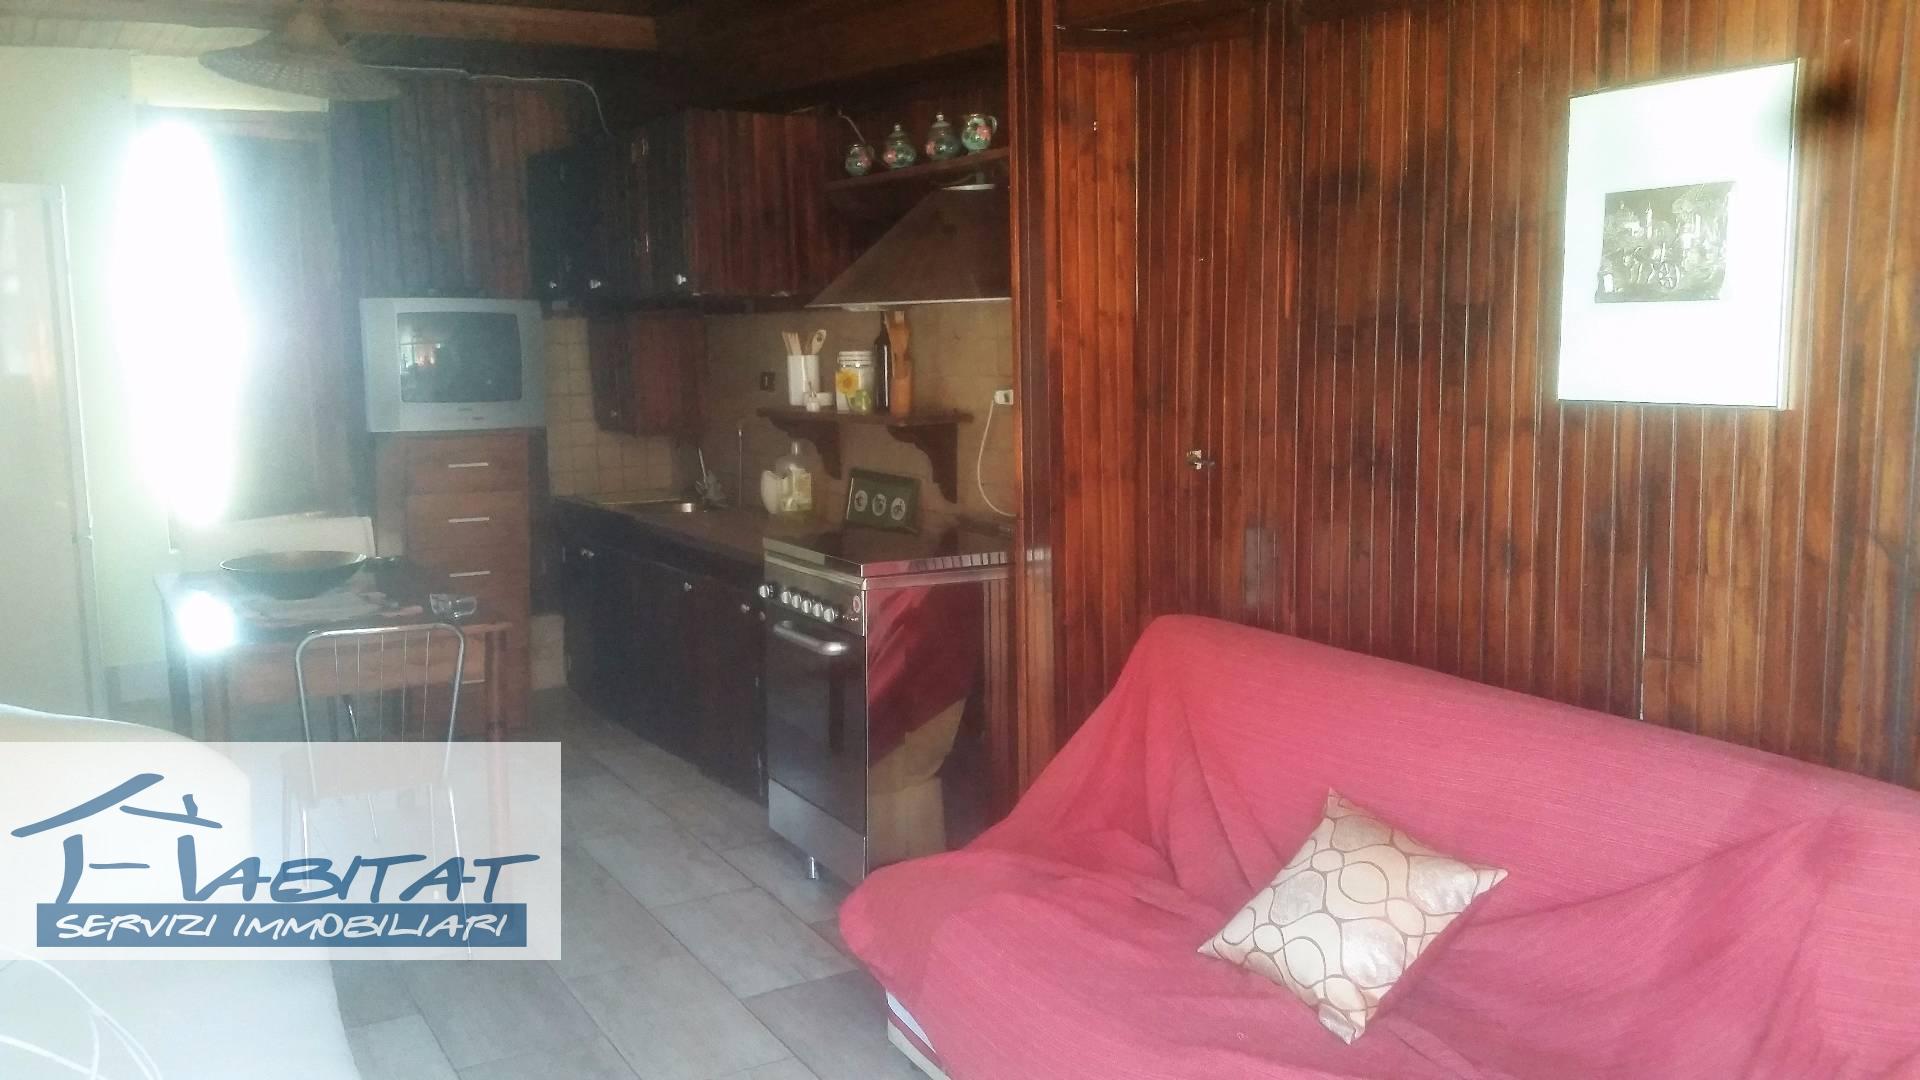 Appartamento in affitto a Agrigento, 2 locali, zona Zona: Centro, prezzo € 290 | CambioCasa.it